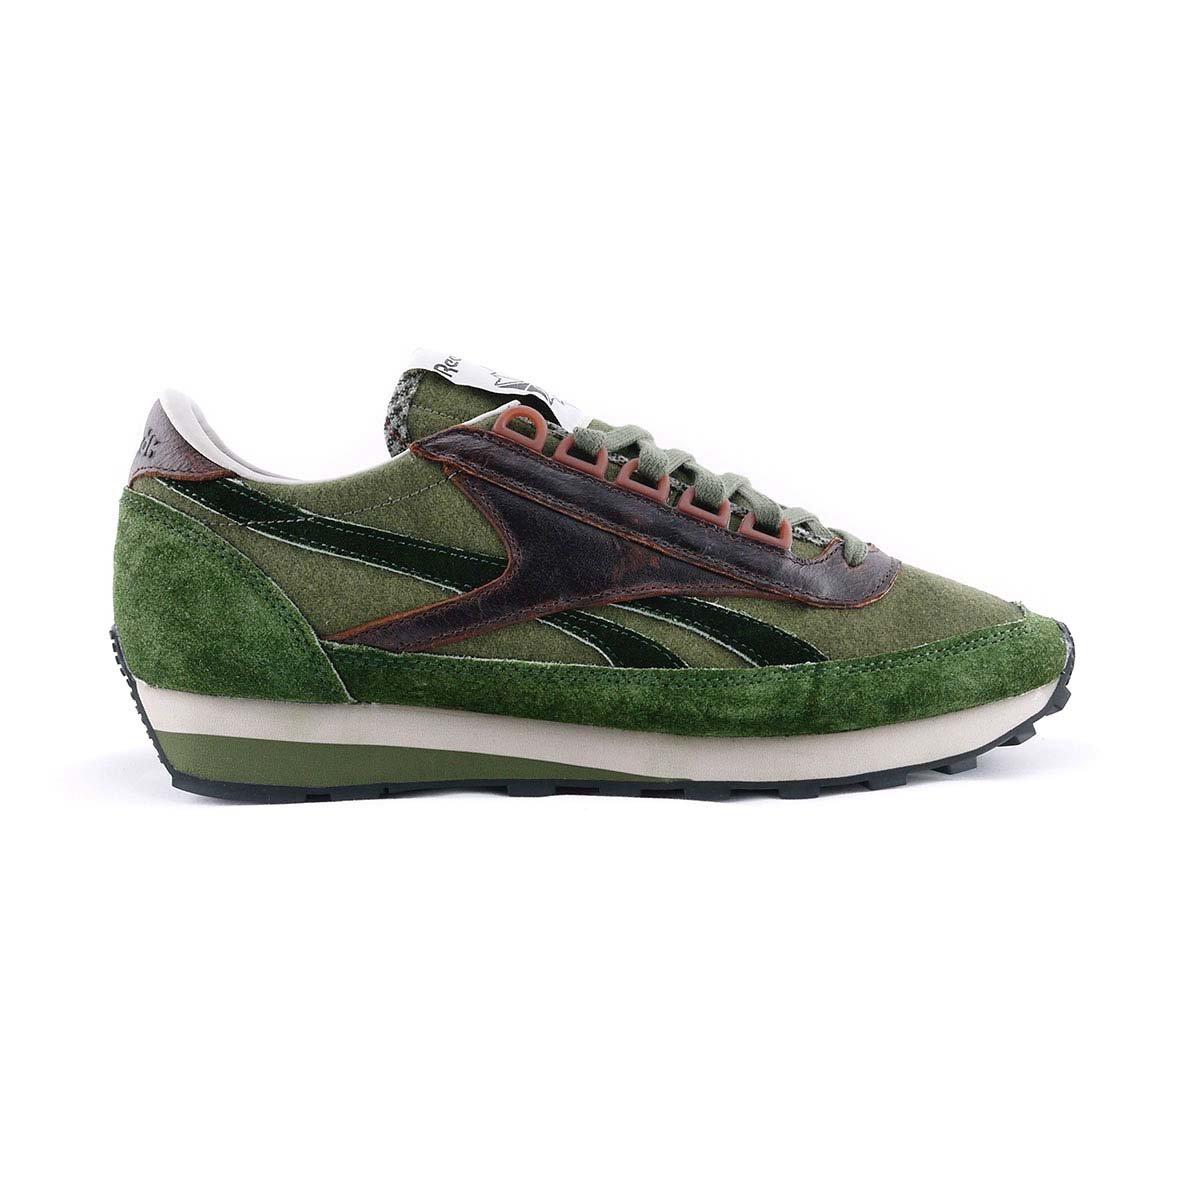 Reebok Schuhe Herren Turnschuhe Aztec CB in grün Wildleder